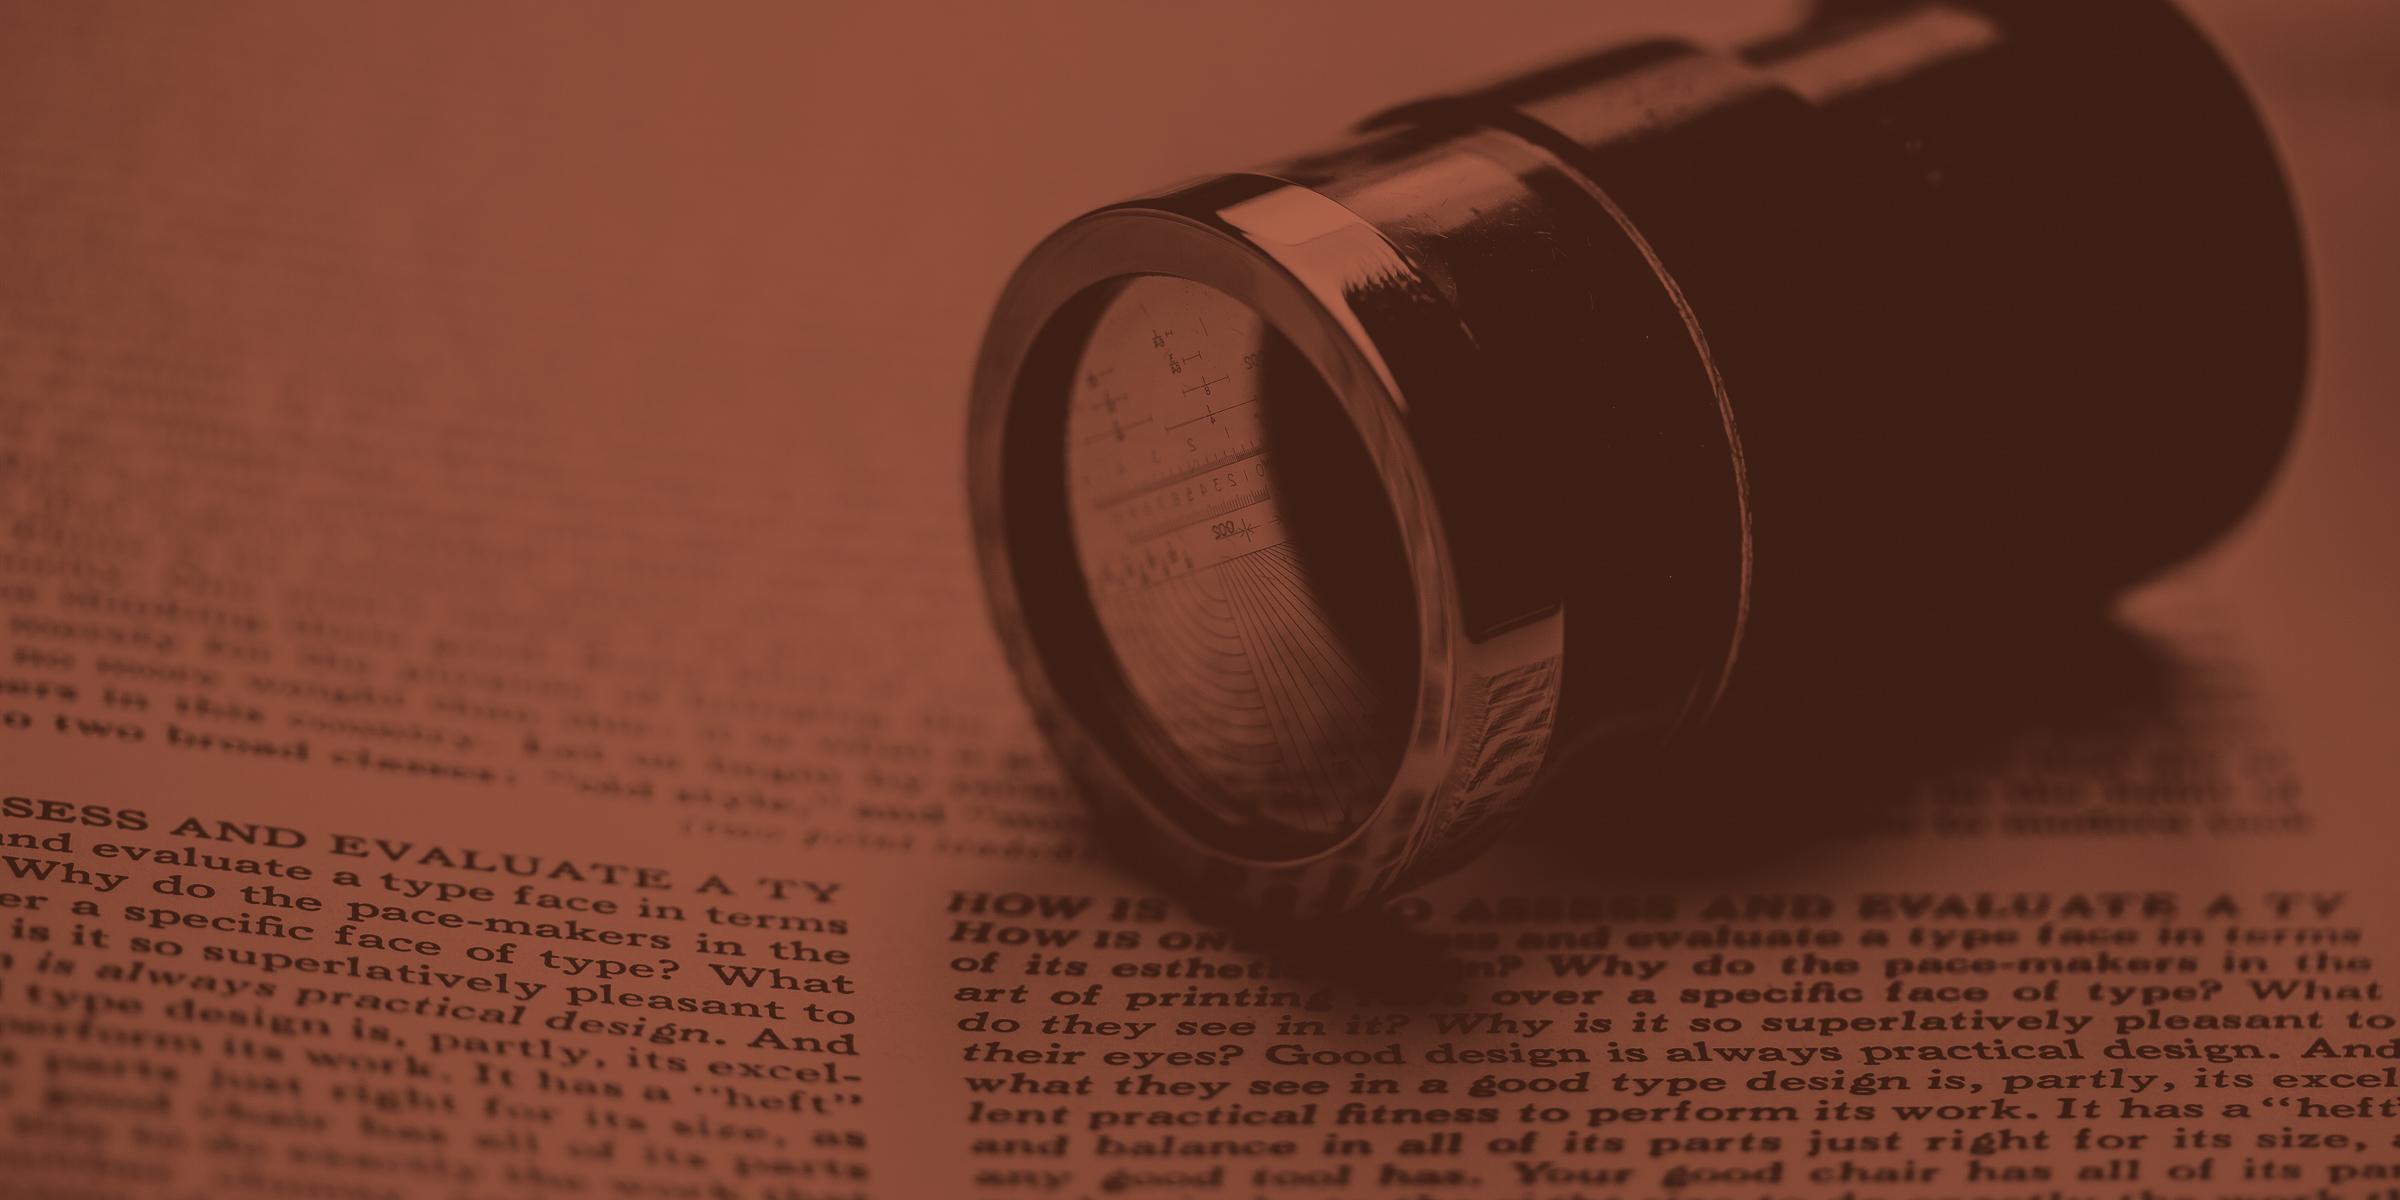 Linotype type specimen background, photo by Josh Korwin